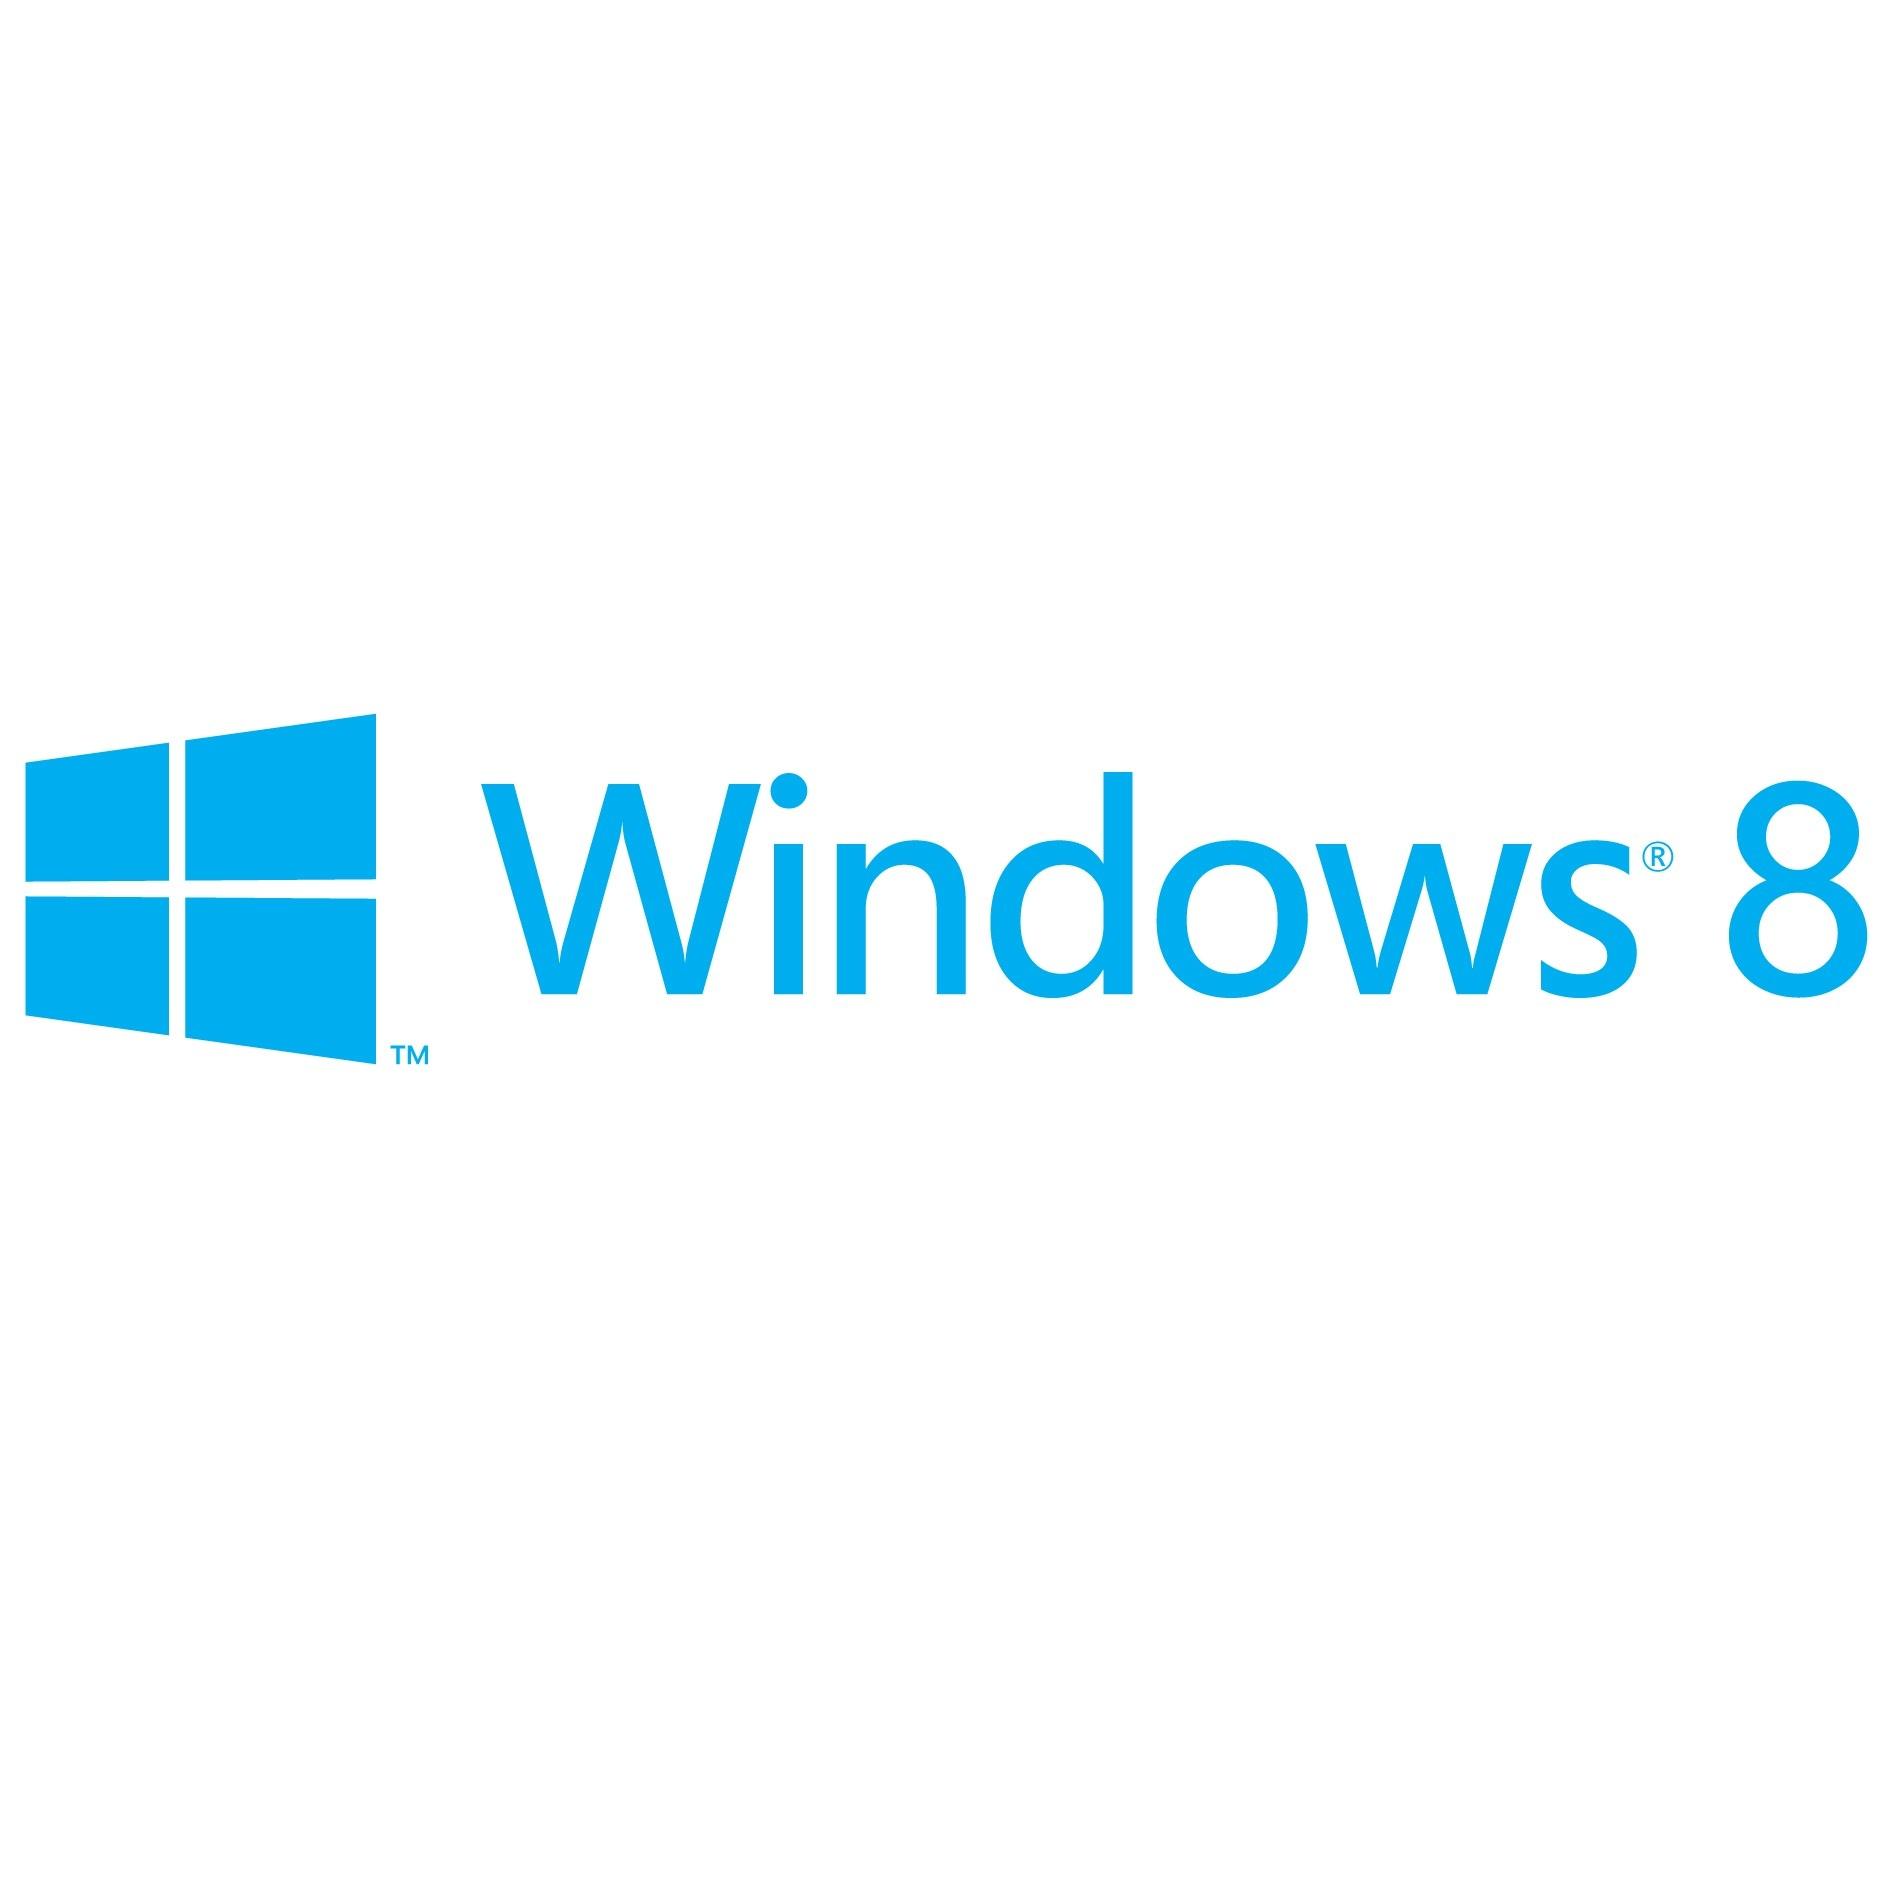 Windows 8 се връща към интерфейса на XP?